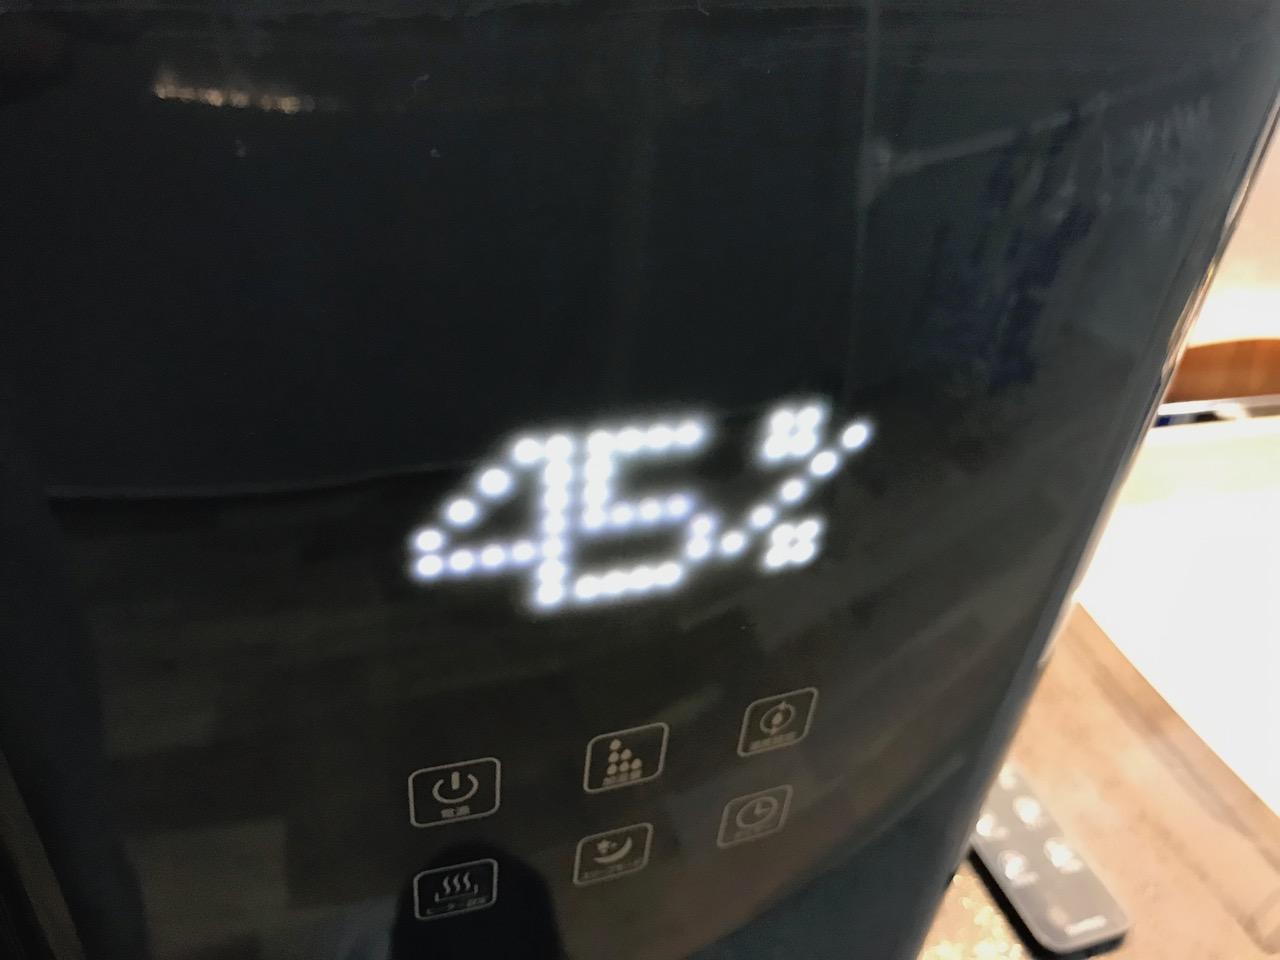 自動湿度調整は45%に設定